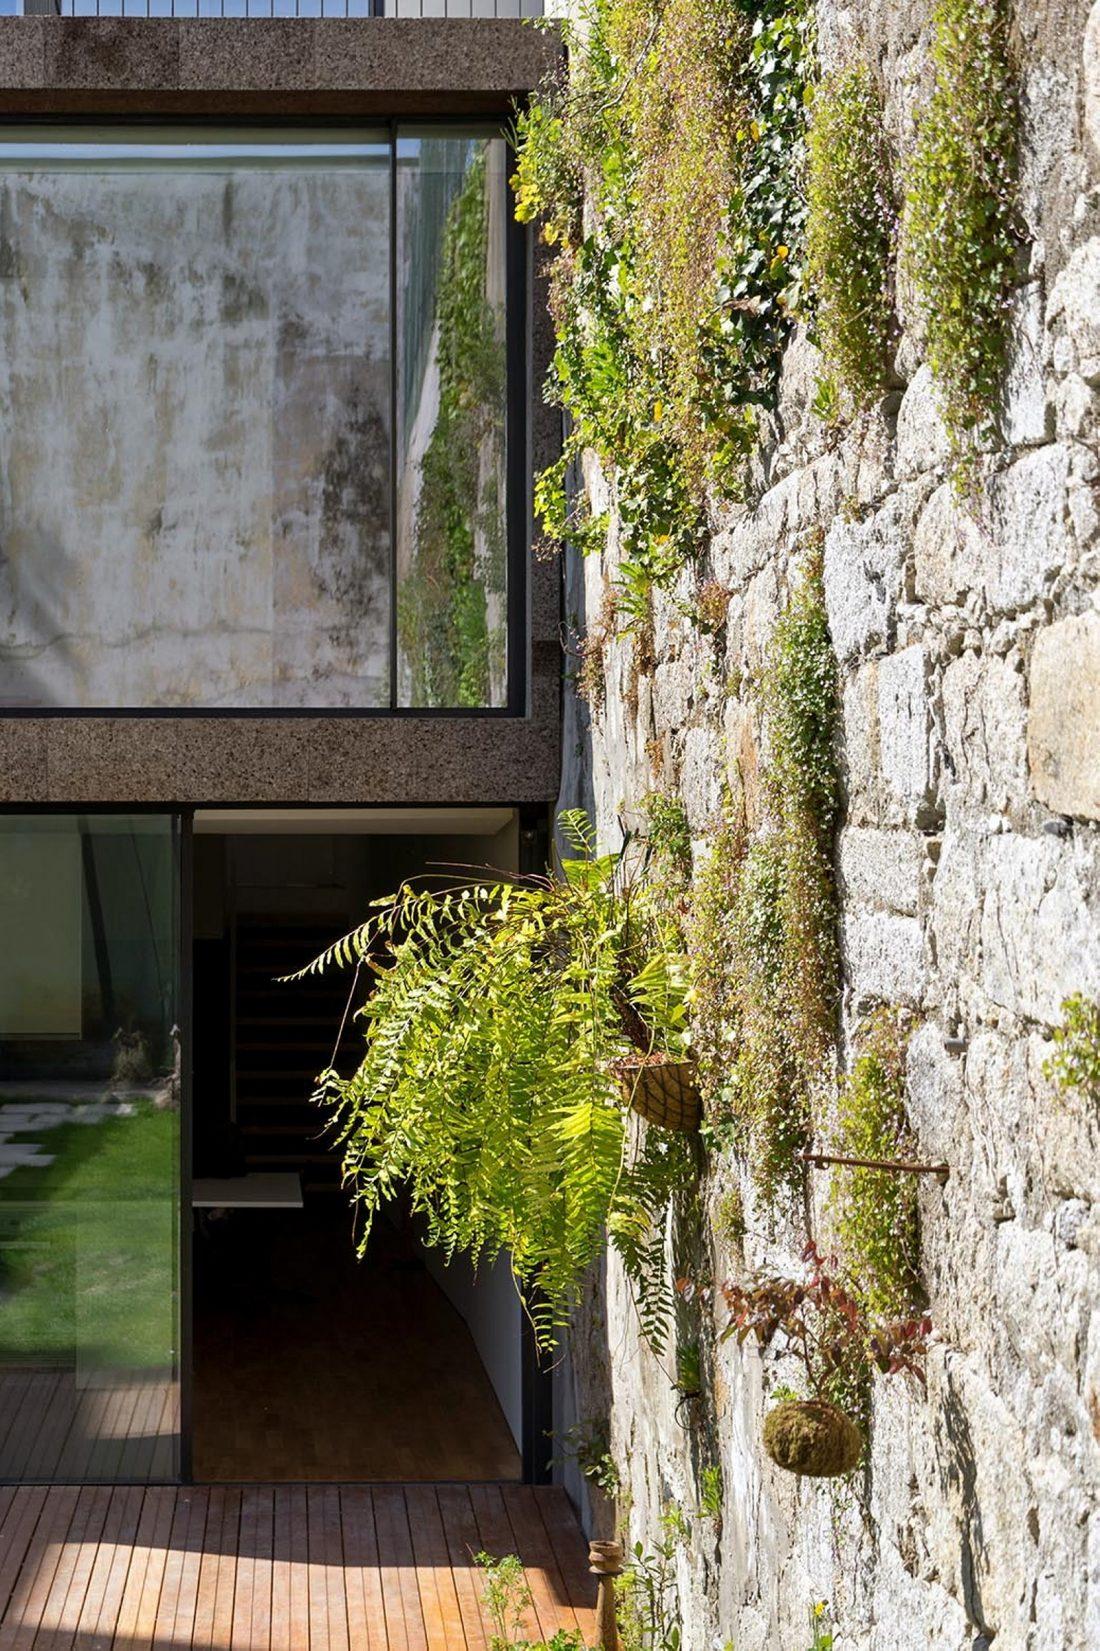 Реконструкция старинного дома Bonjardim House в Португалии по проекту ATKA arquitectos 8